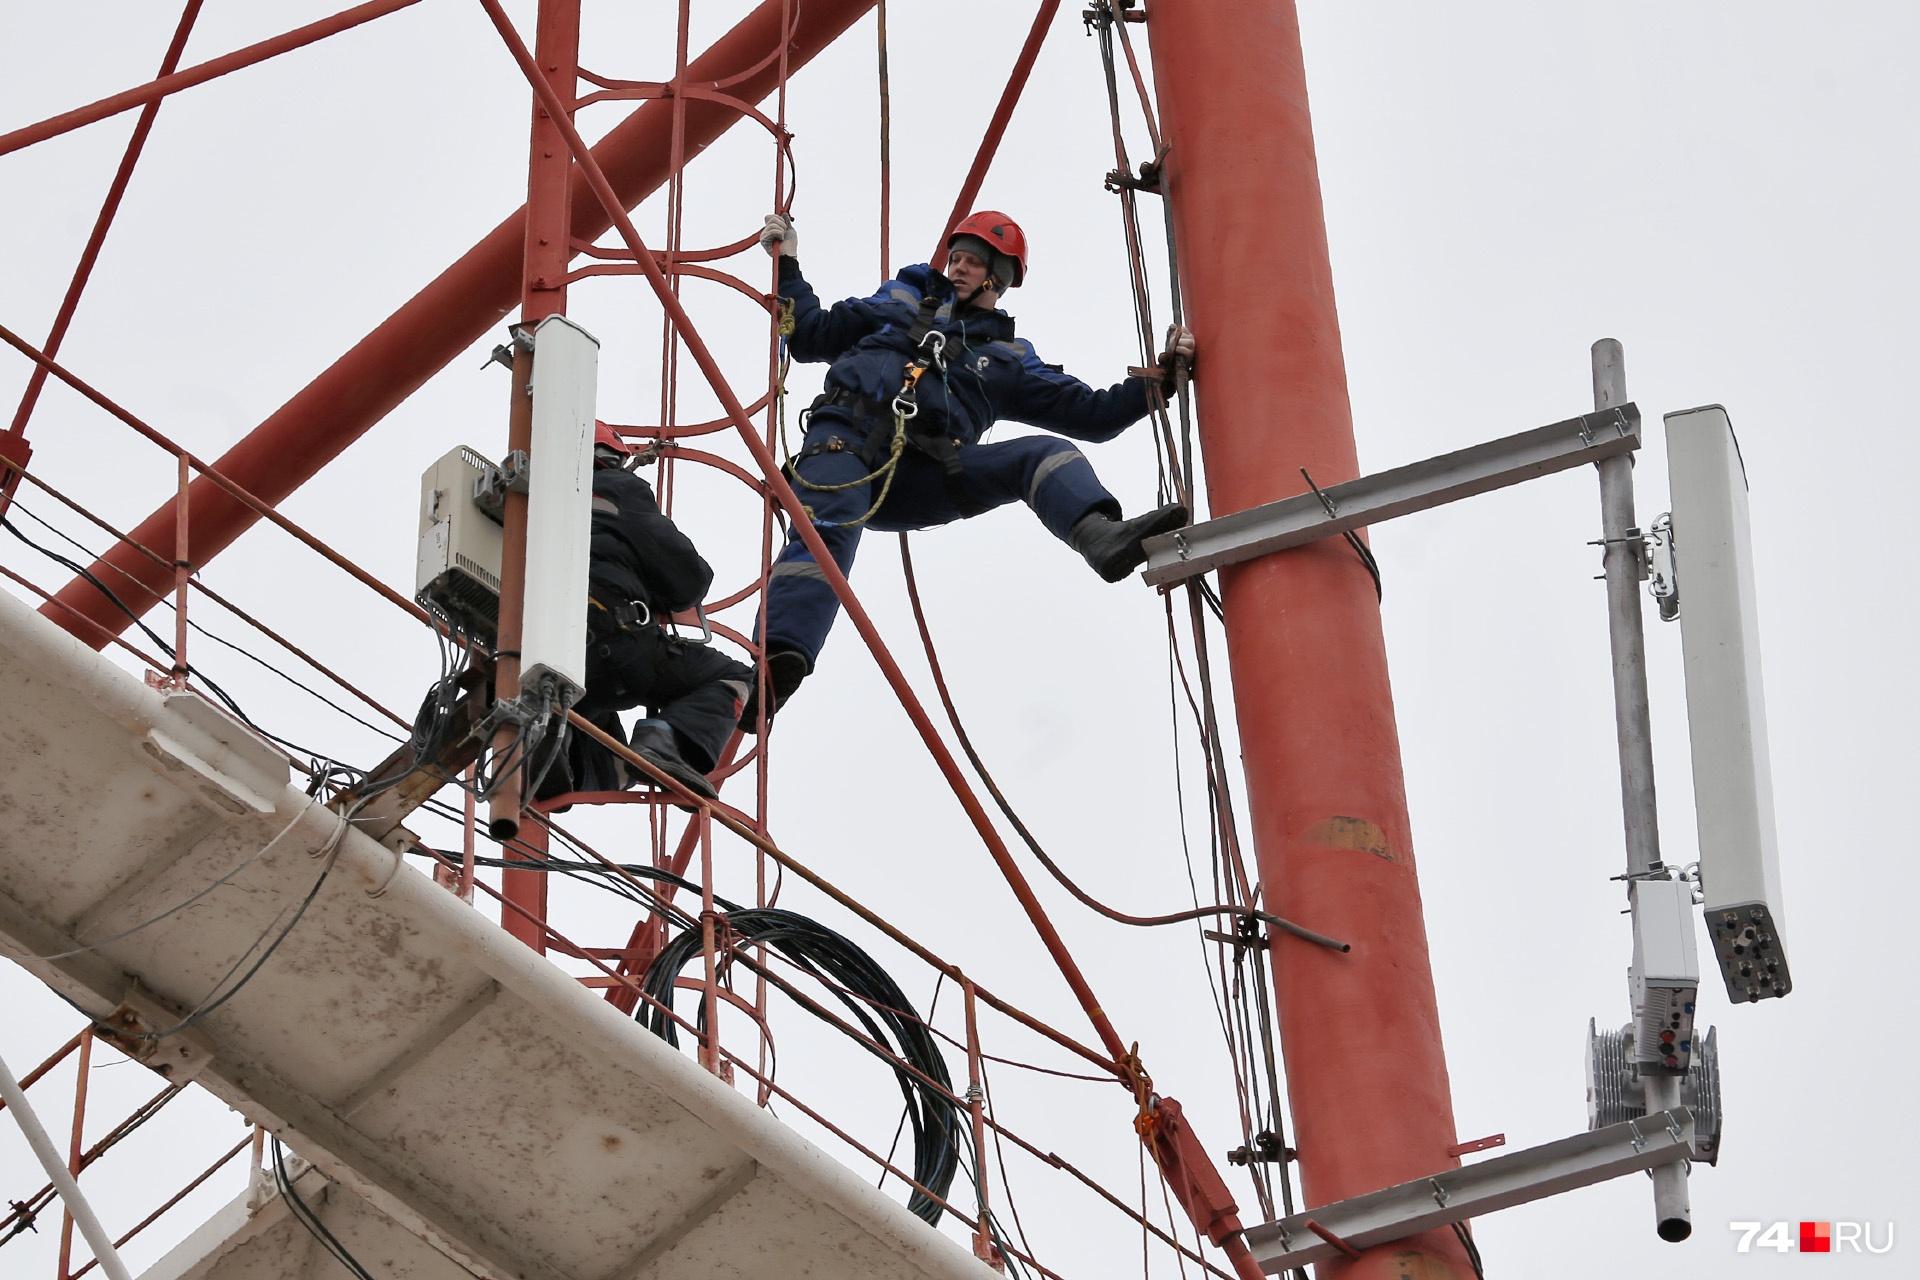 Инженерам приходится работать на высоте